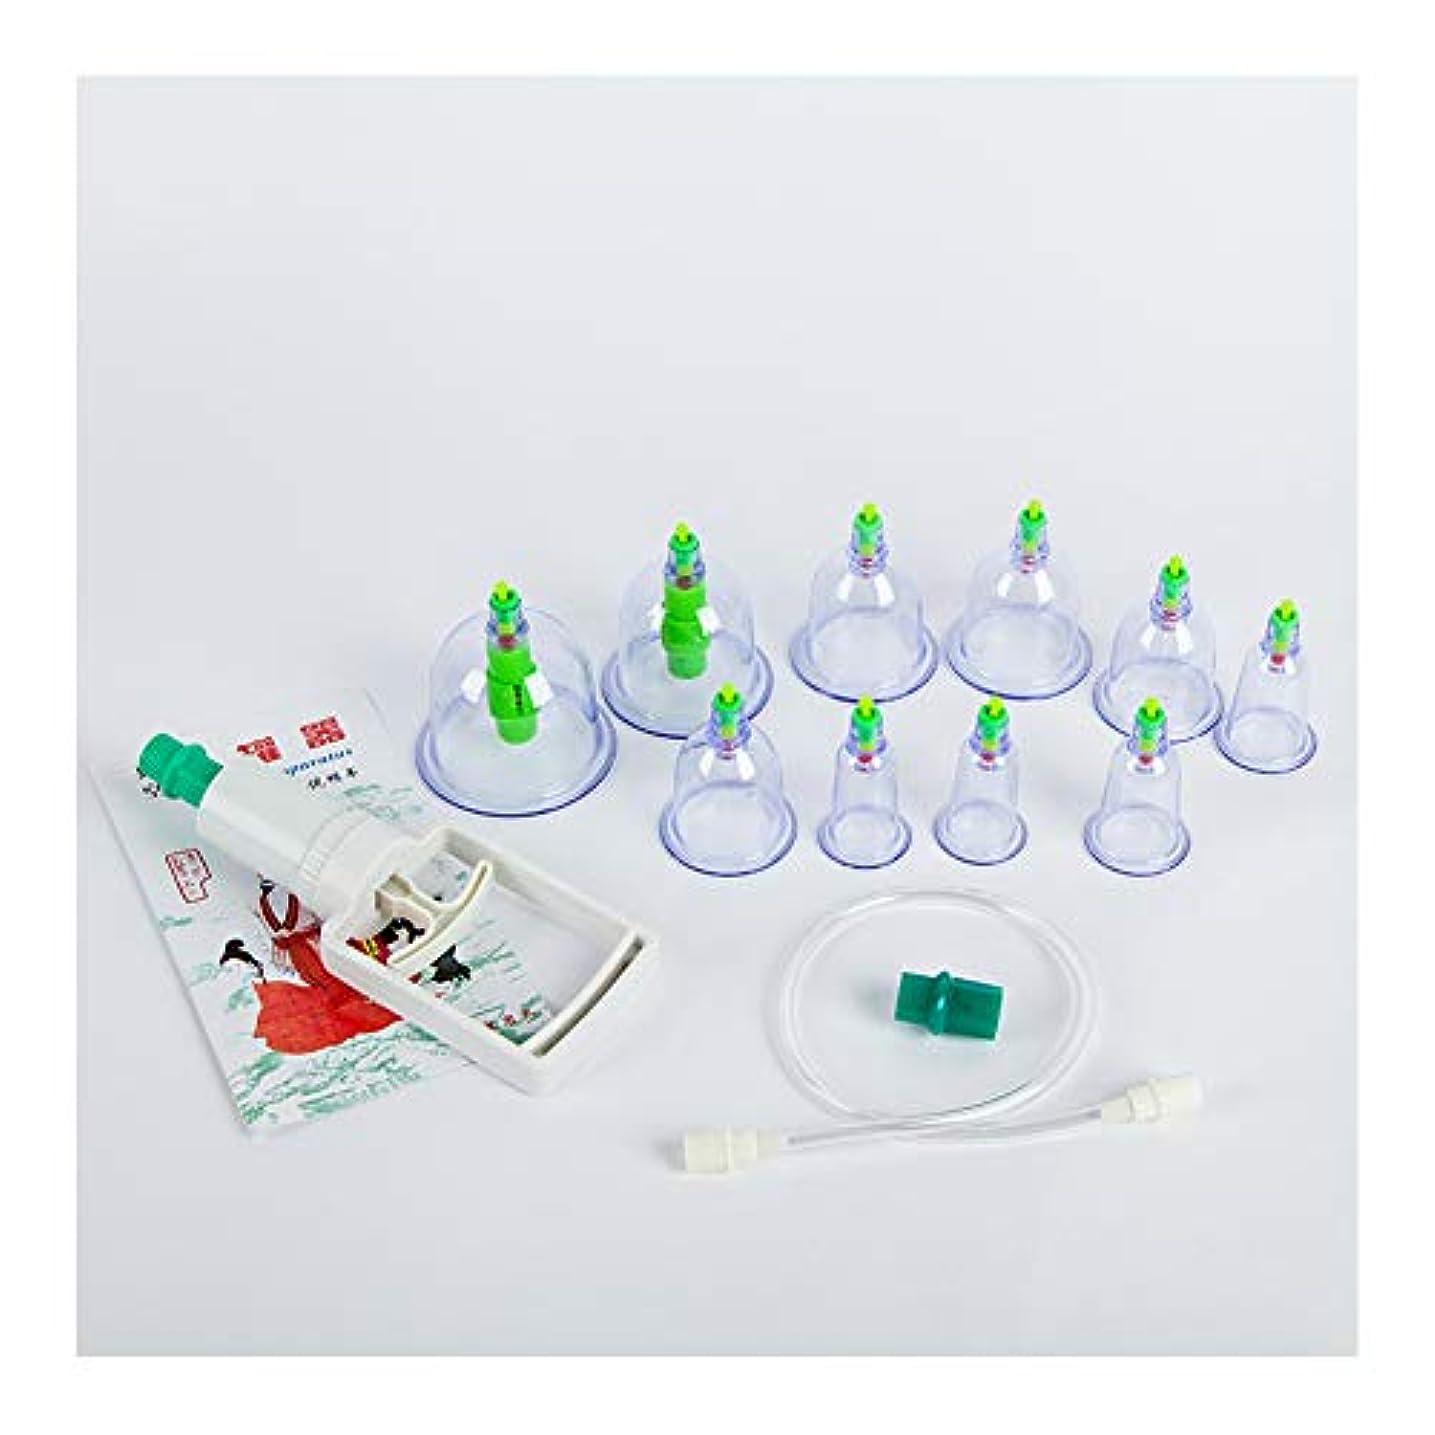 染色電話エンドテーブル10カップマッサージカッピングセット、真空吸引生体磁気中国療法カップ、ポンプ付きホーム、全身チクチクする硬さの疲労、リリーフネックバックペインストレス